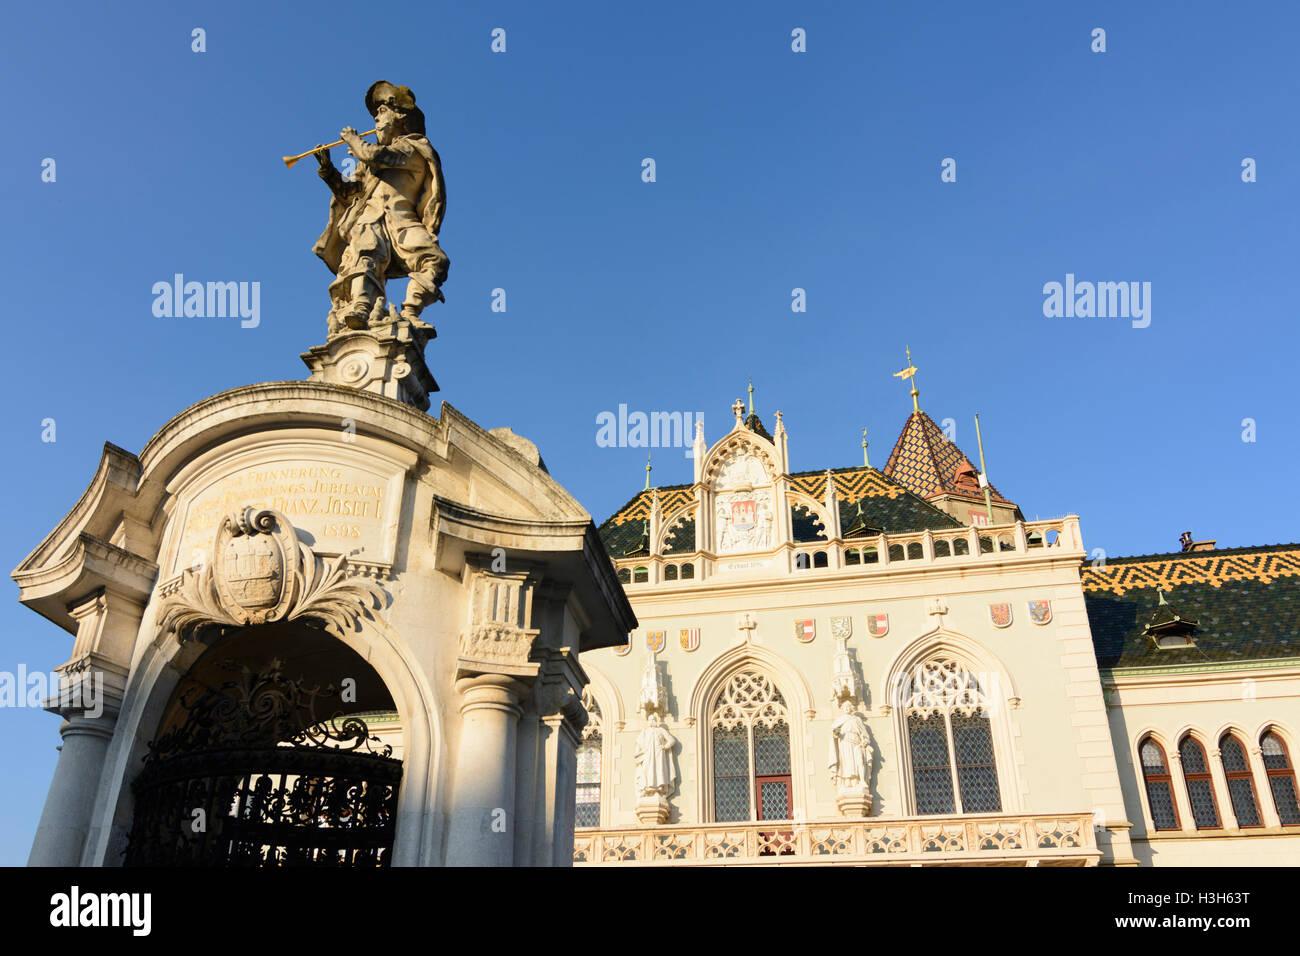 Korneuburg: Town Hall, City Tower, rat catcher fountain, Hauptplatz (Main Square), Donau, Niederösterreich, - Stock Image